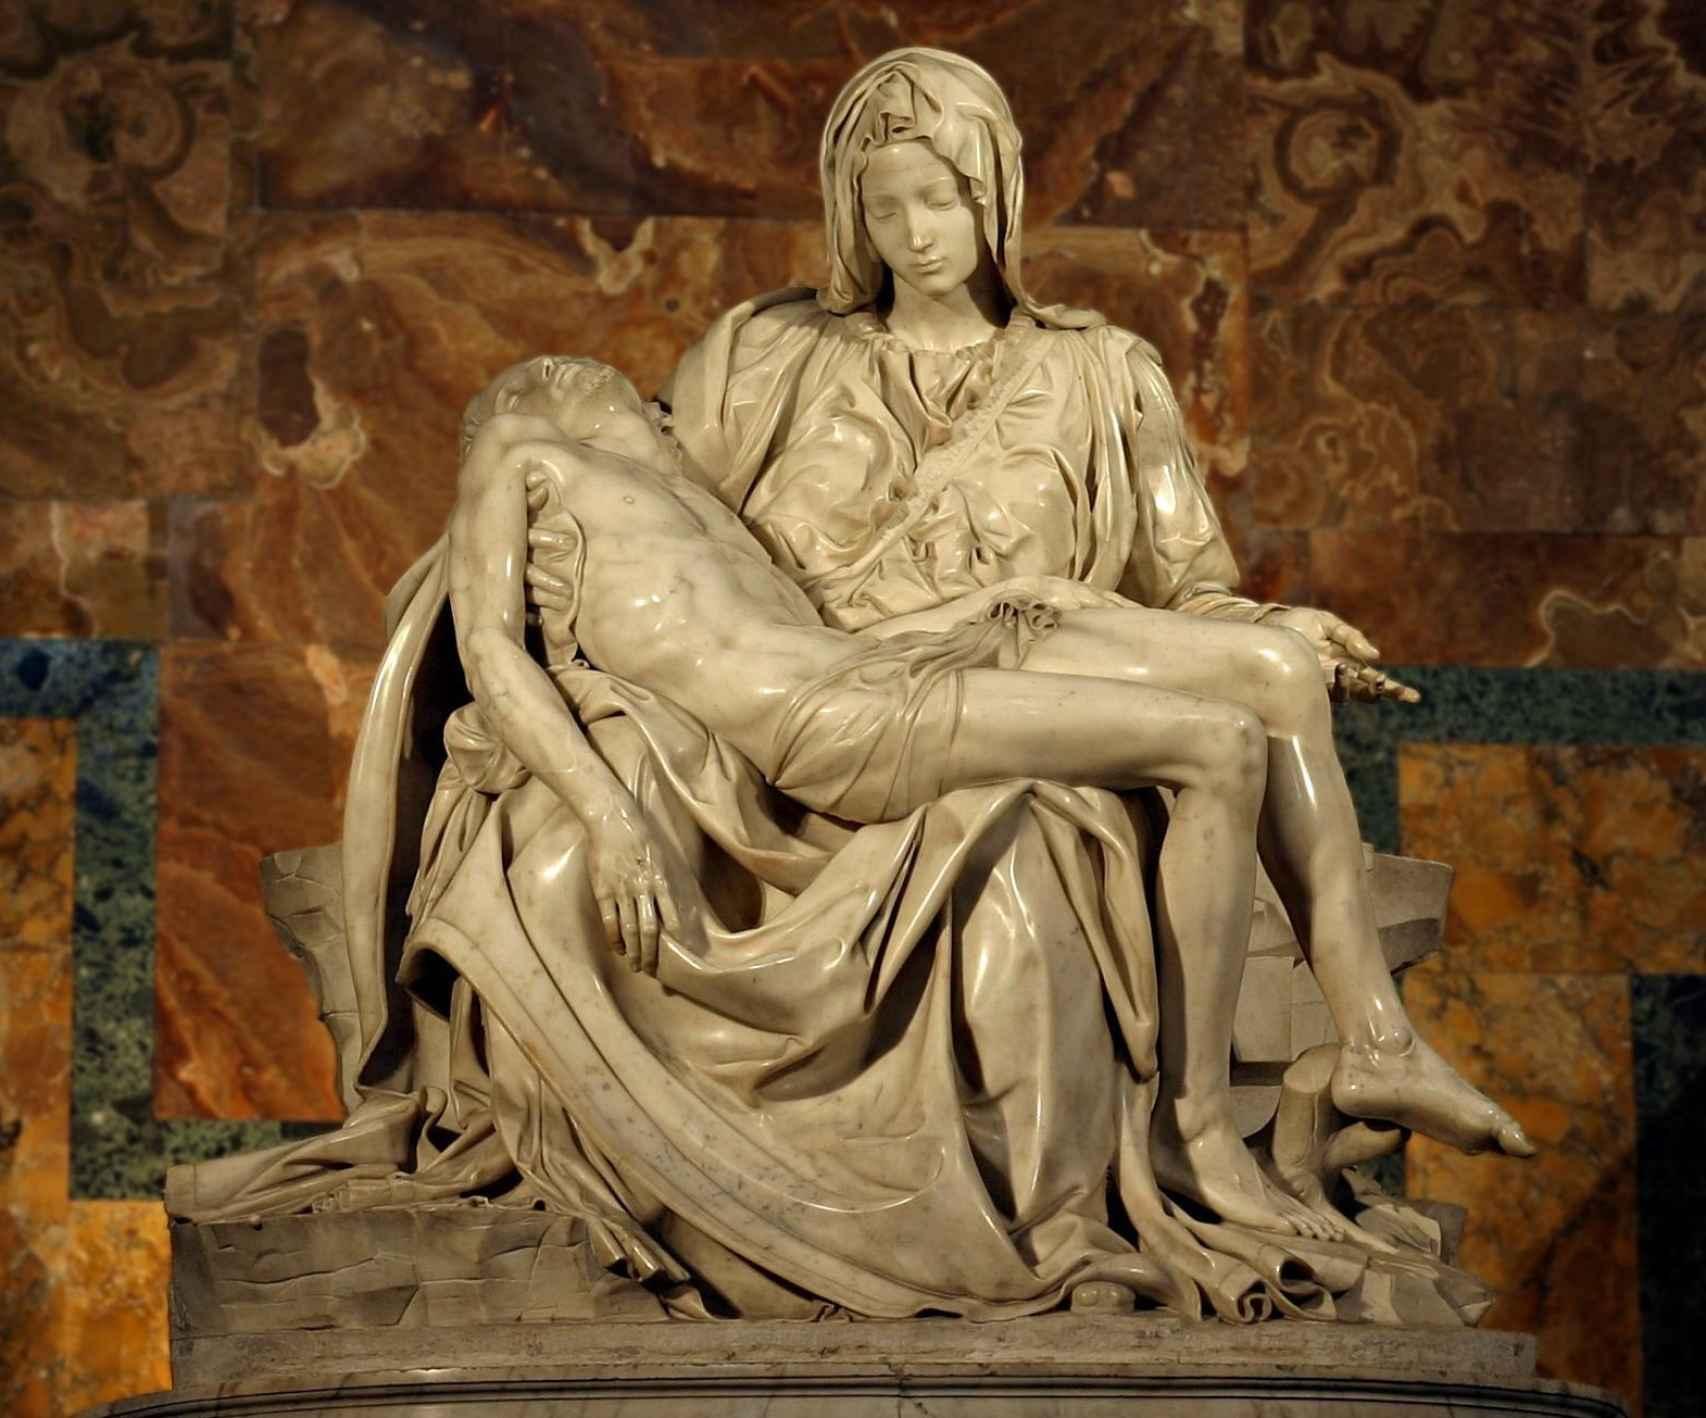 La Pietá de Miguel Ángel